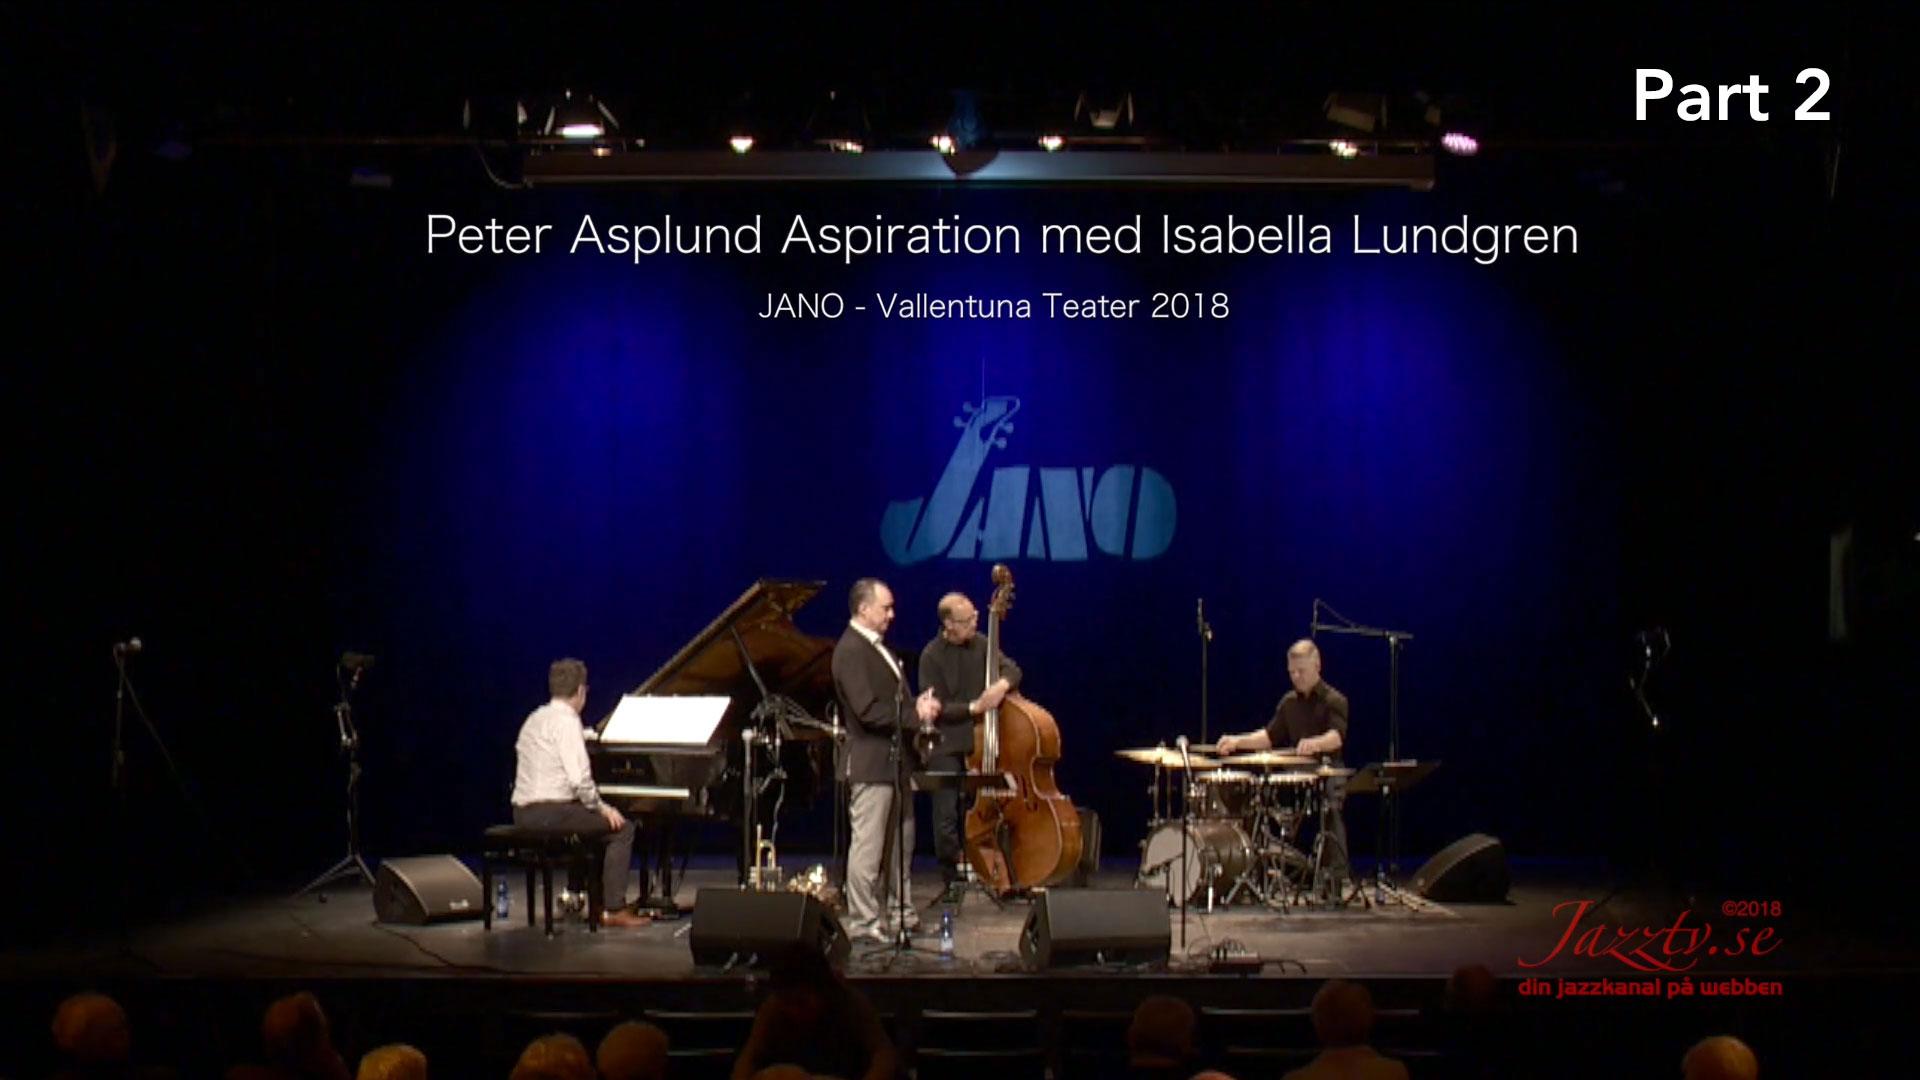 Peter Asplund Aspiration with Isabella Lundgren - Part 2